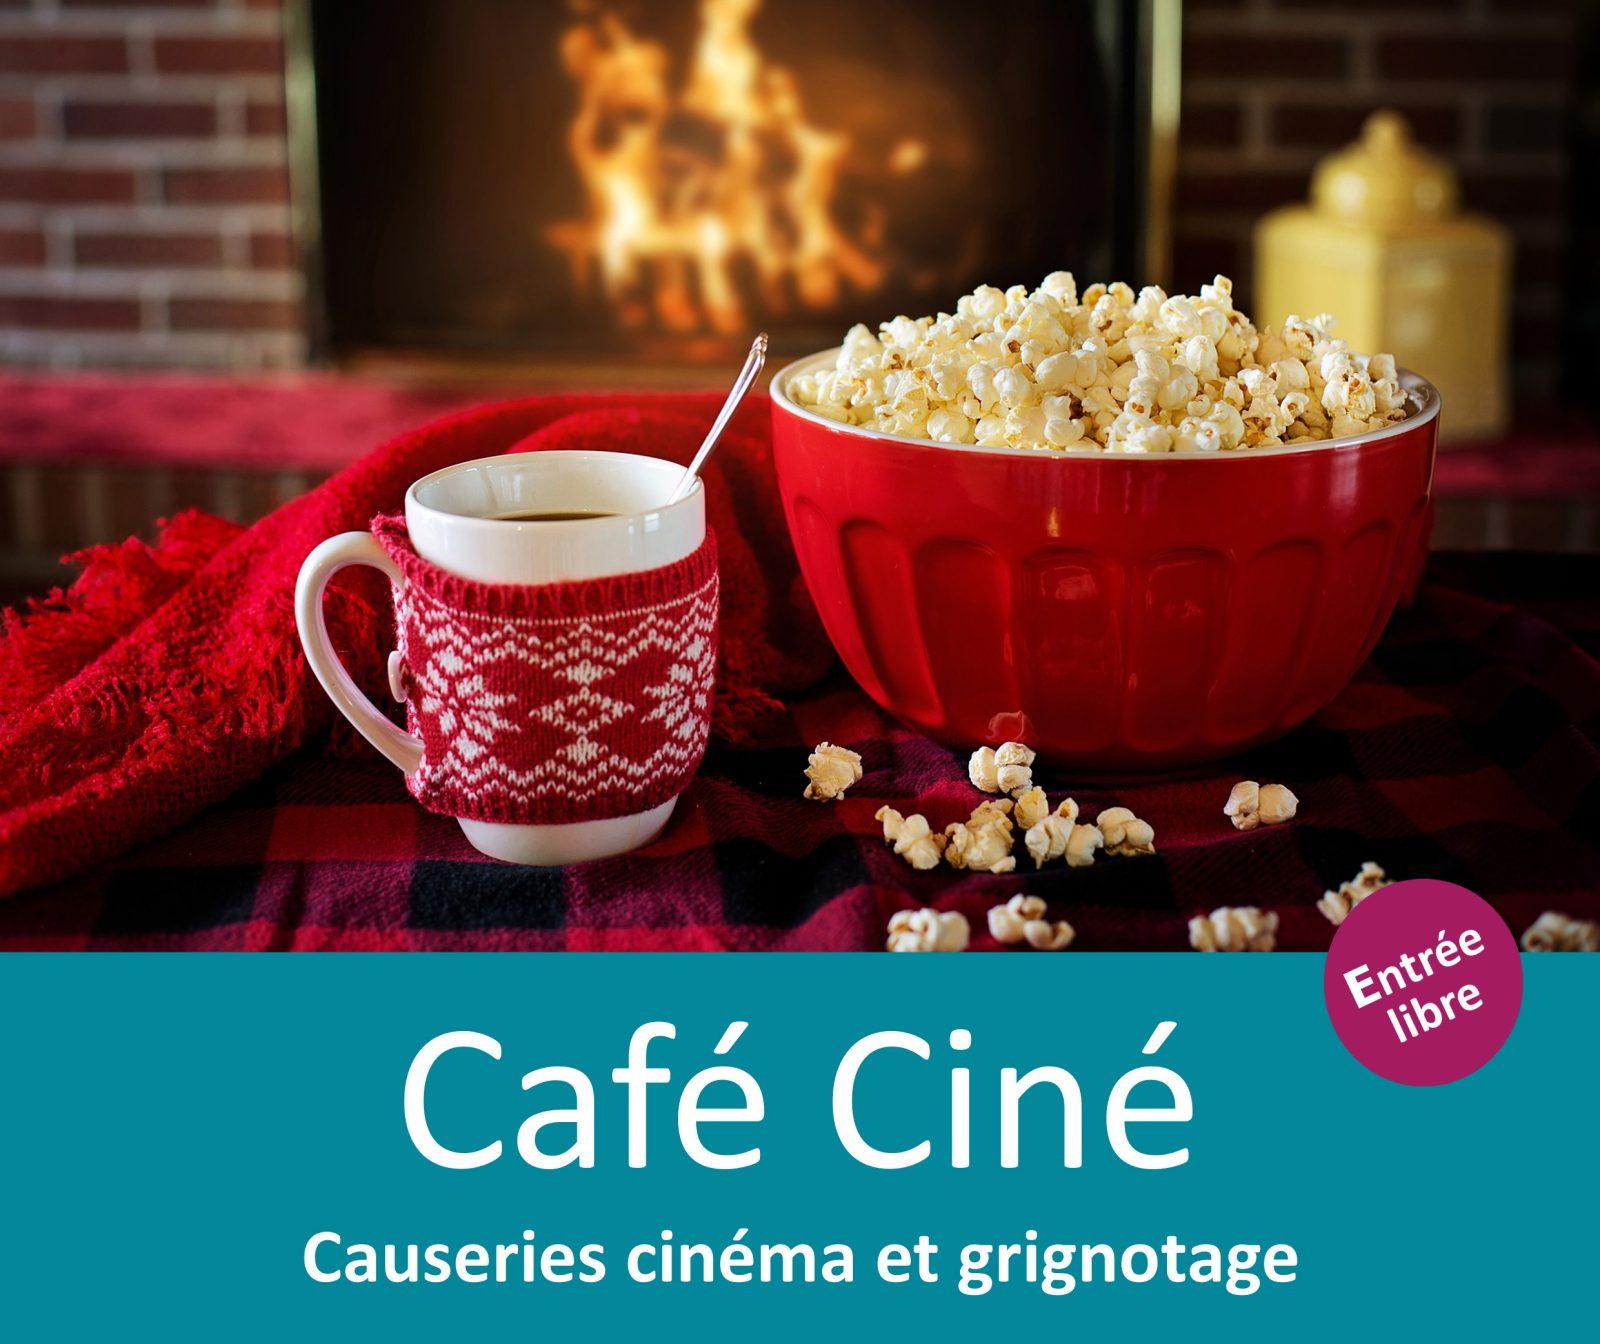 Cafe Cine AFFICHE v02_Evt R